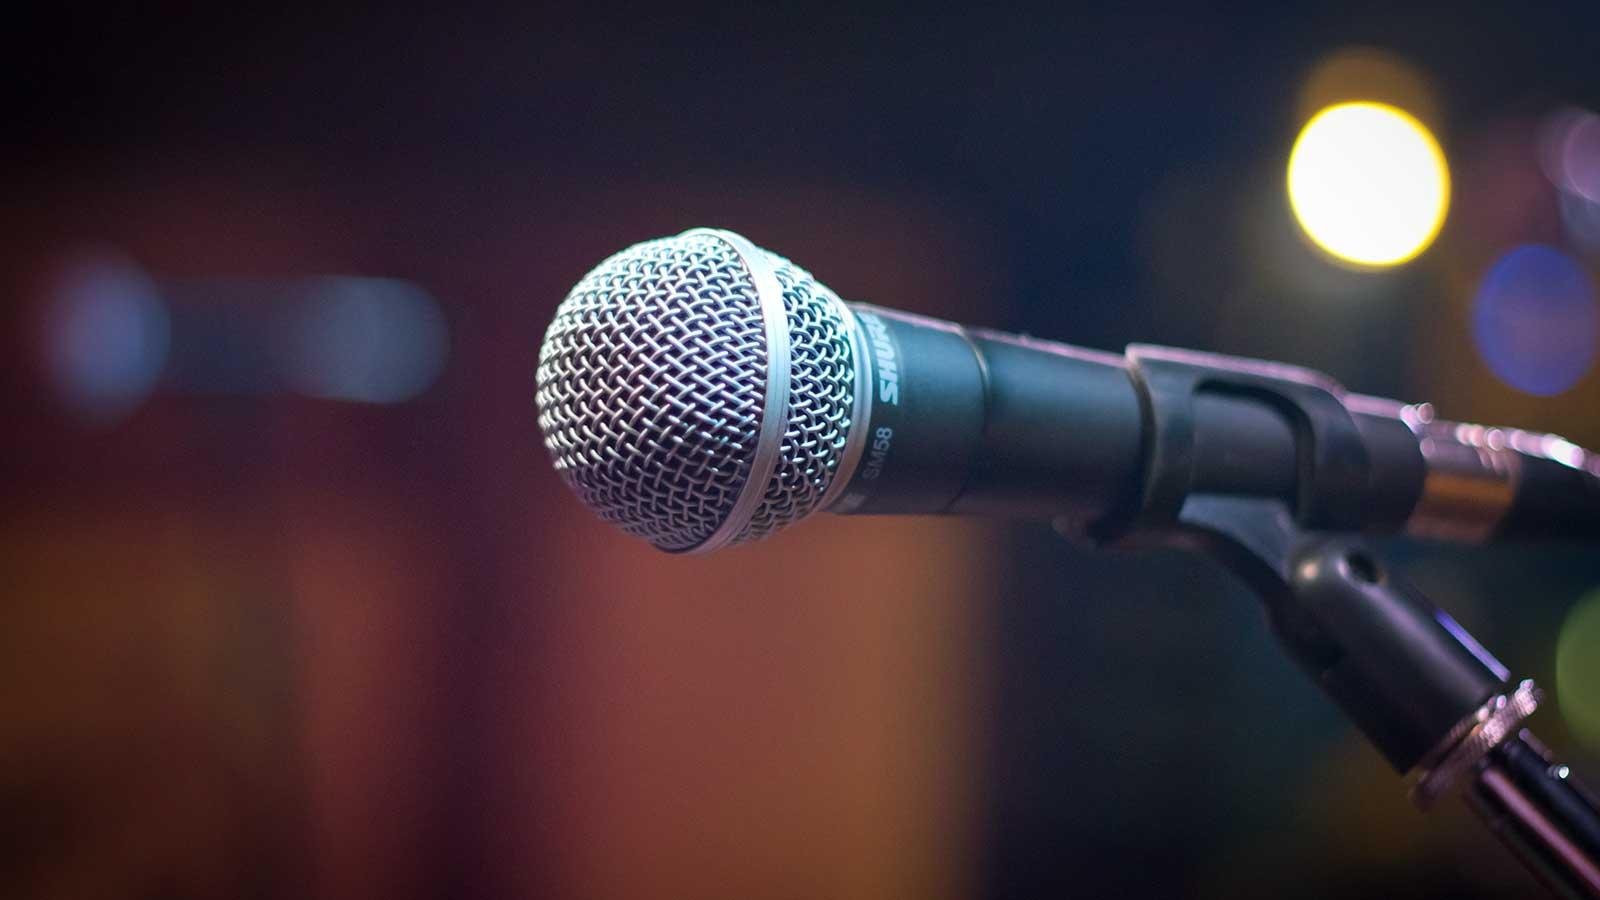 foto di un microfono